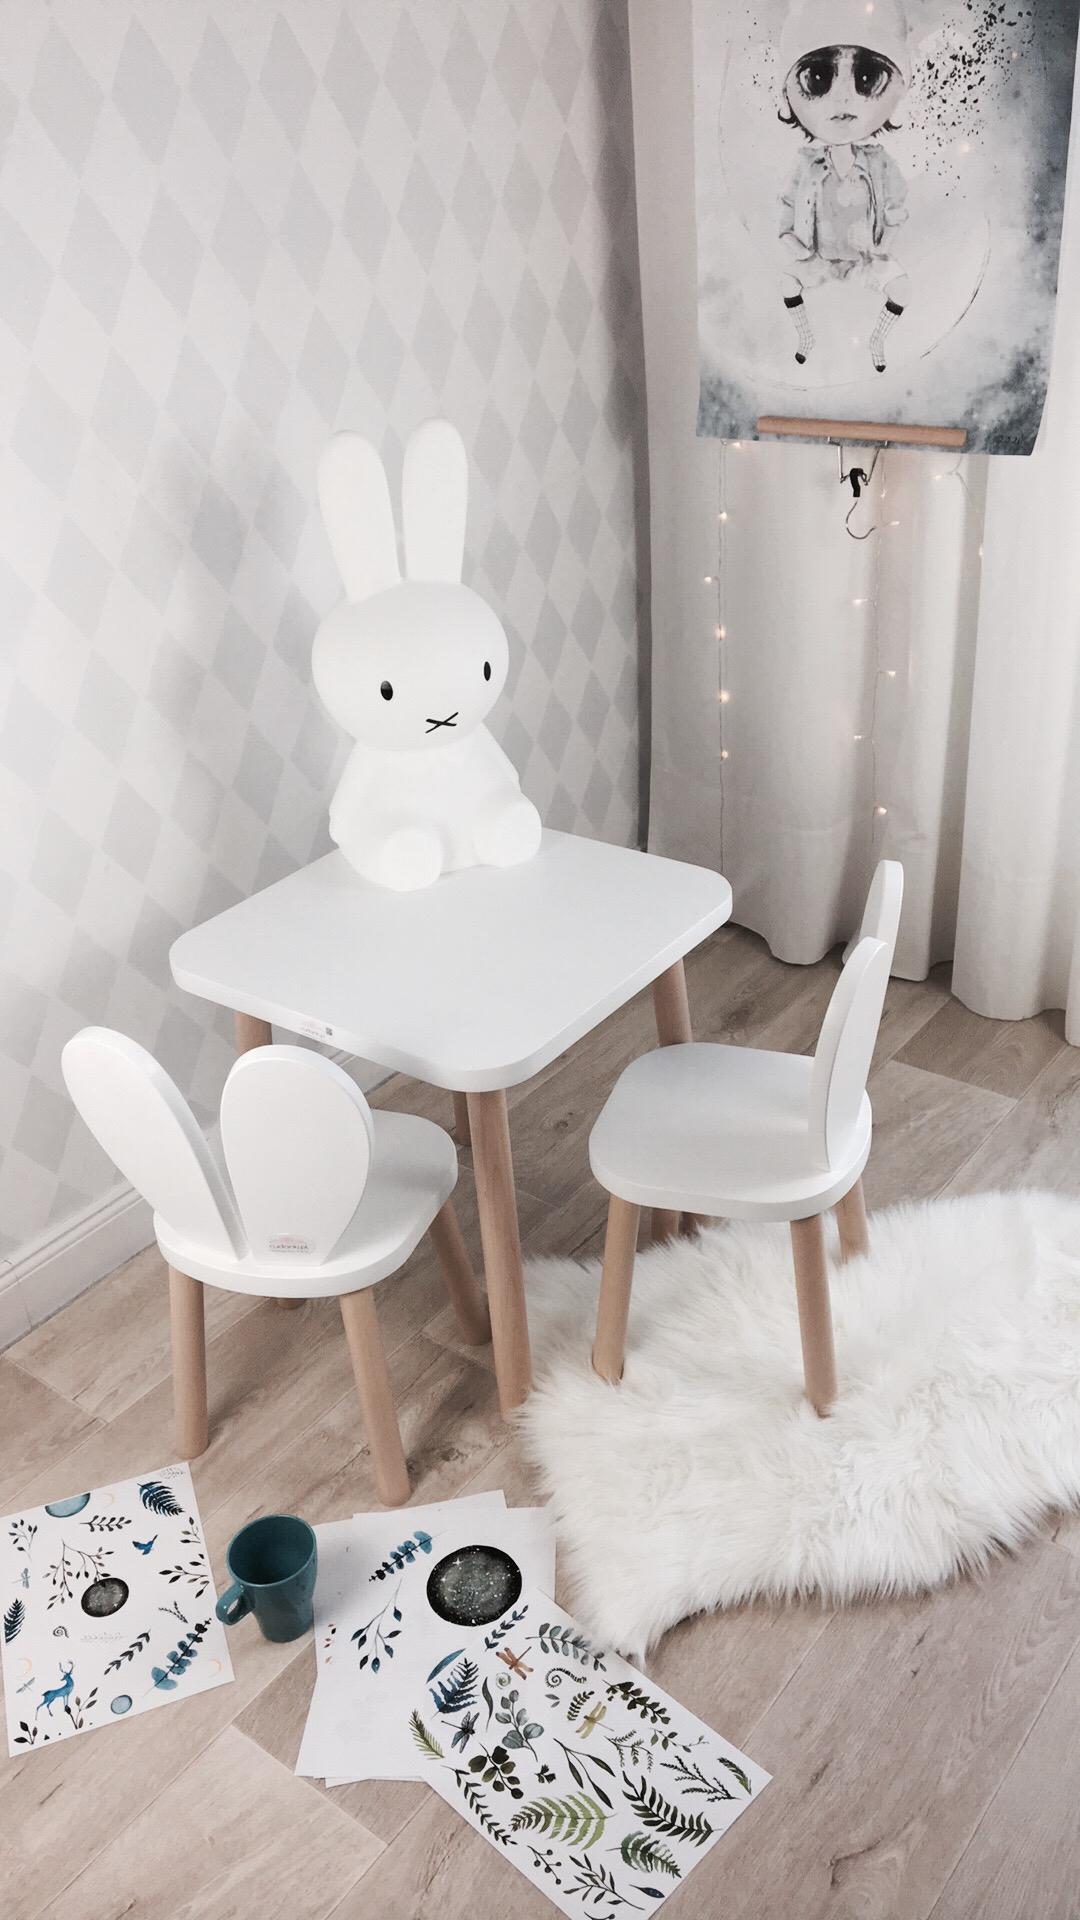 meble dla dzieci krzesełka drewniane królik króliczek